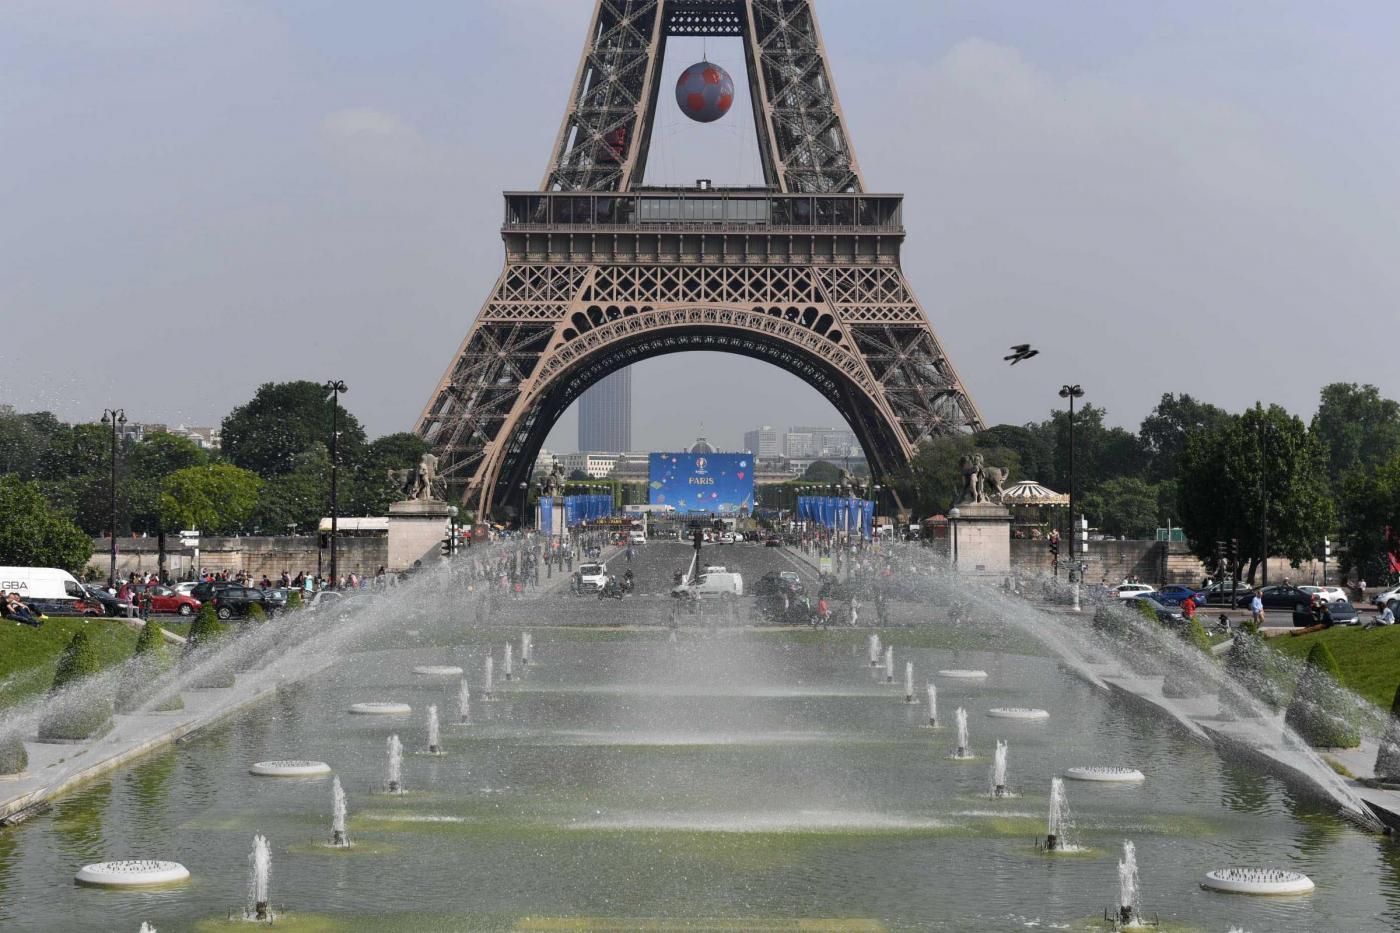 Euro 2016: come si prepara la Francia tra sicurezza e mondanità